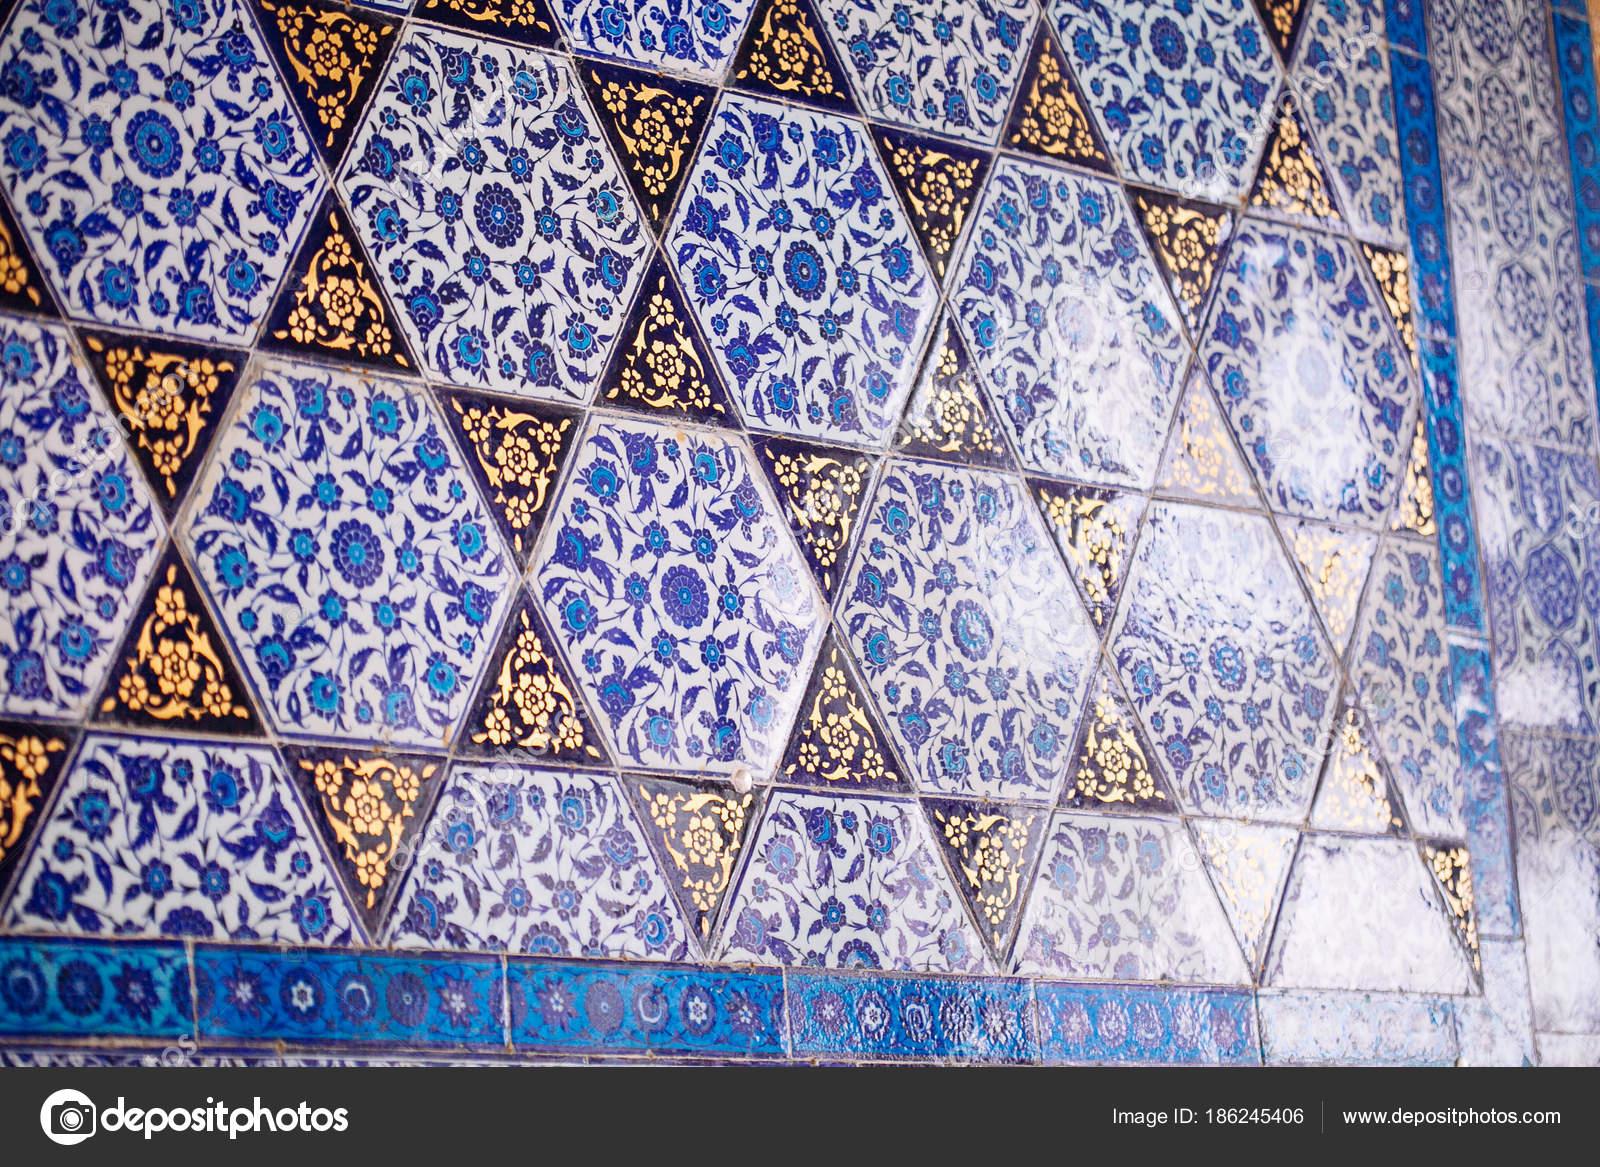 Mattonelle turche handmade antica dell ottomano con motivi